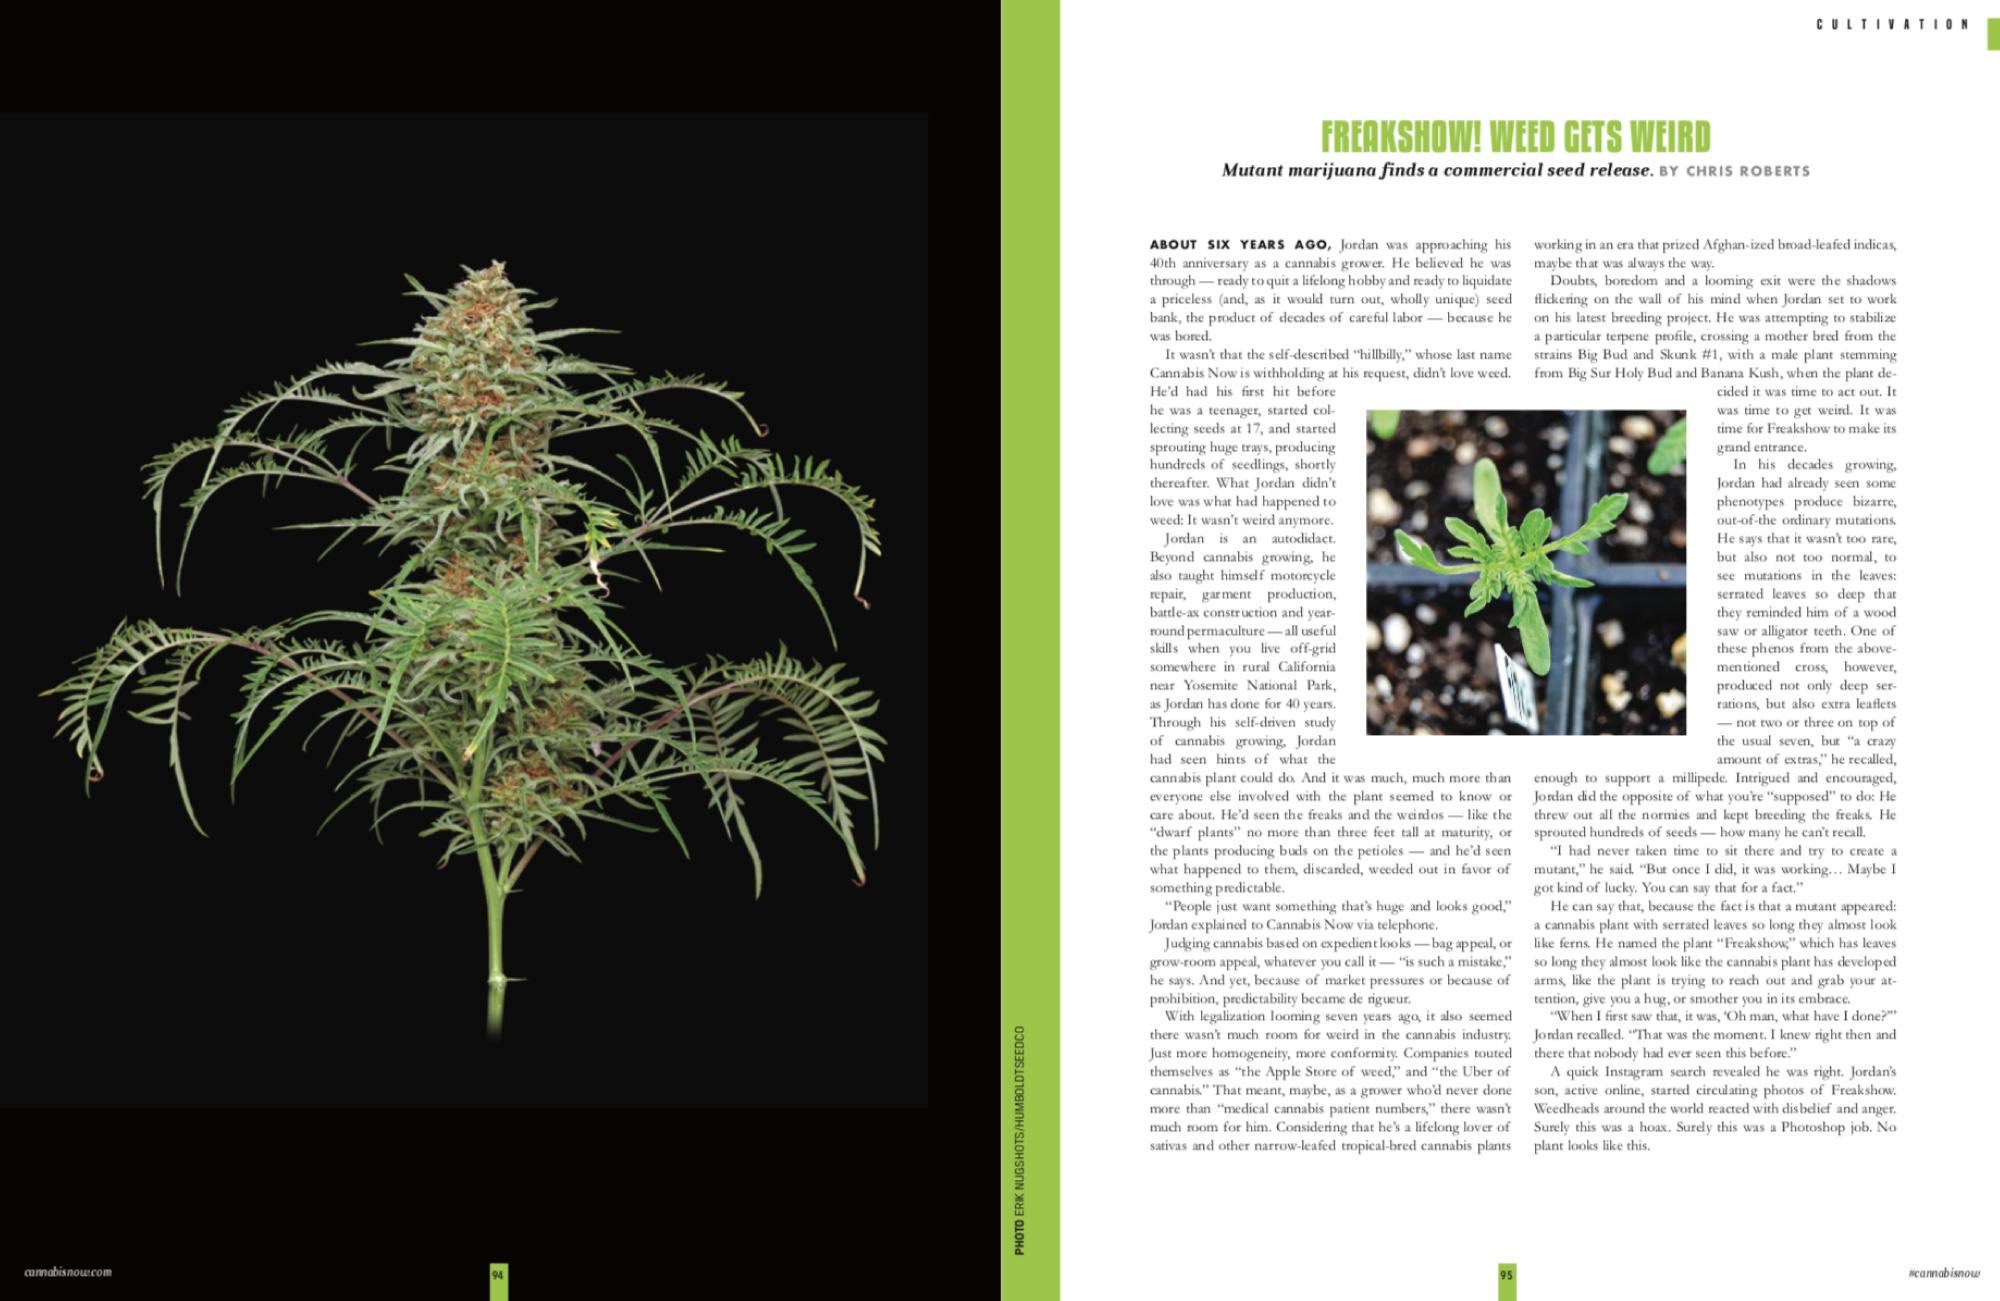 FreakShow_CannabisNow_SPread01